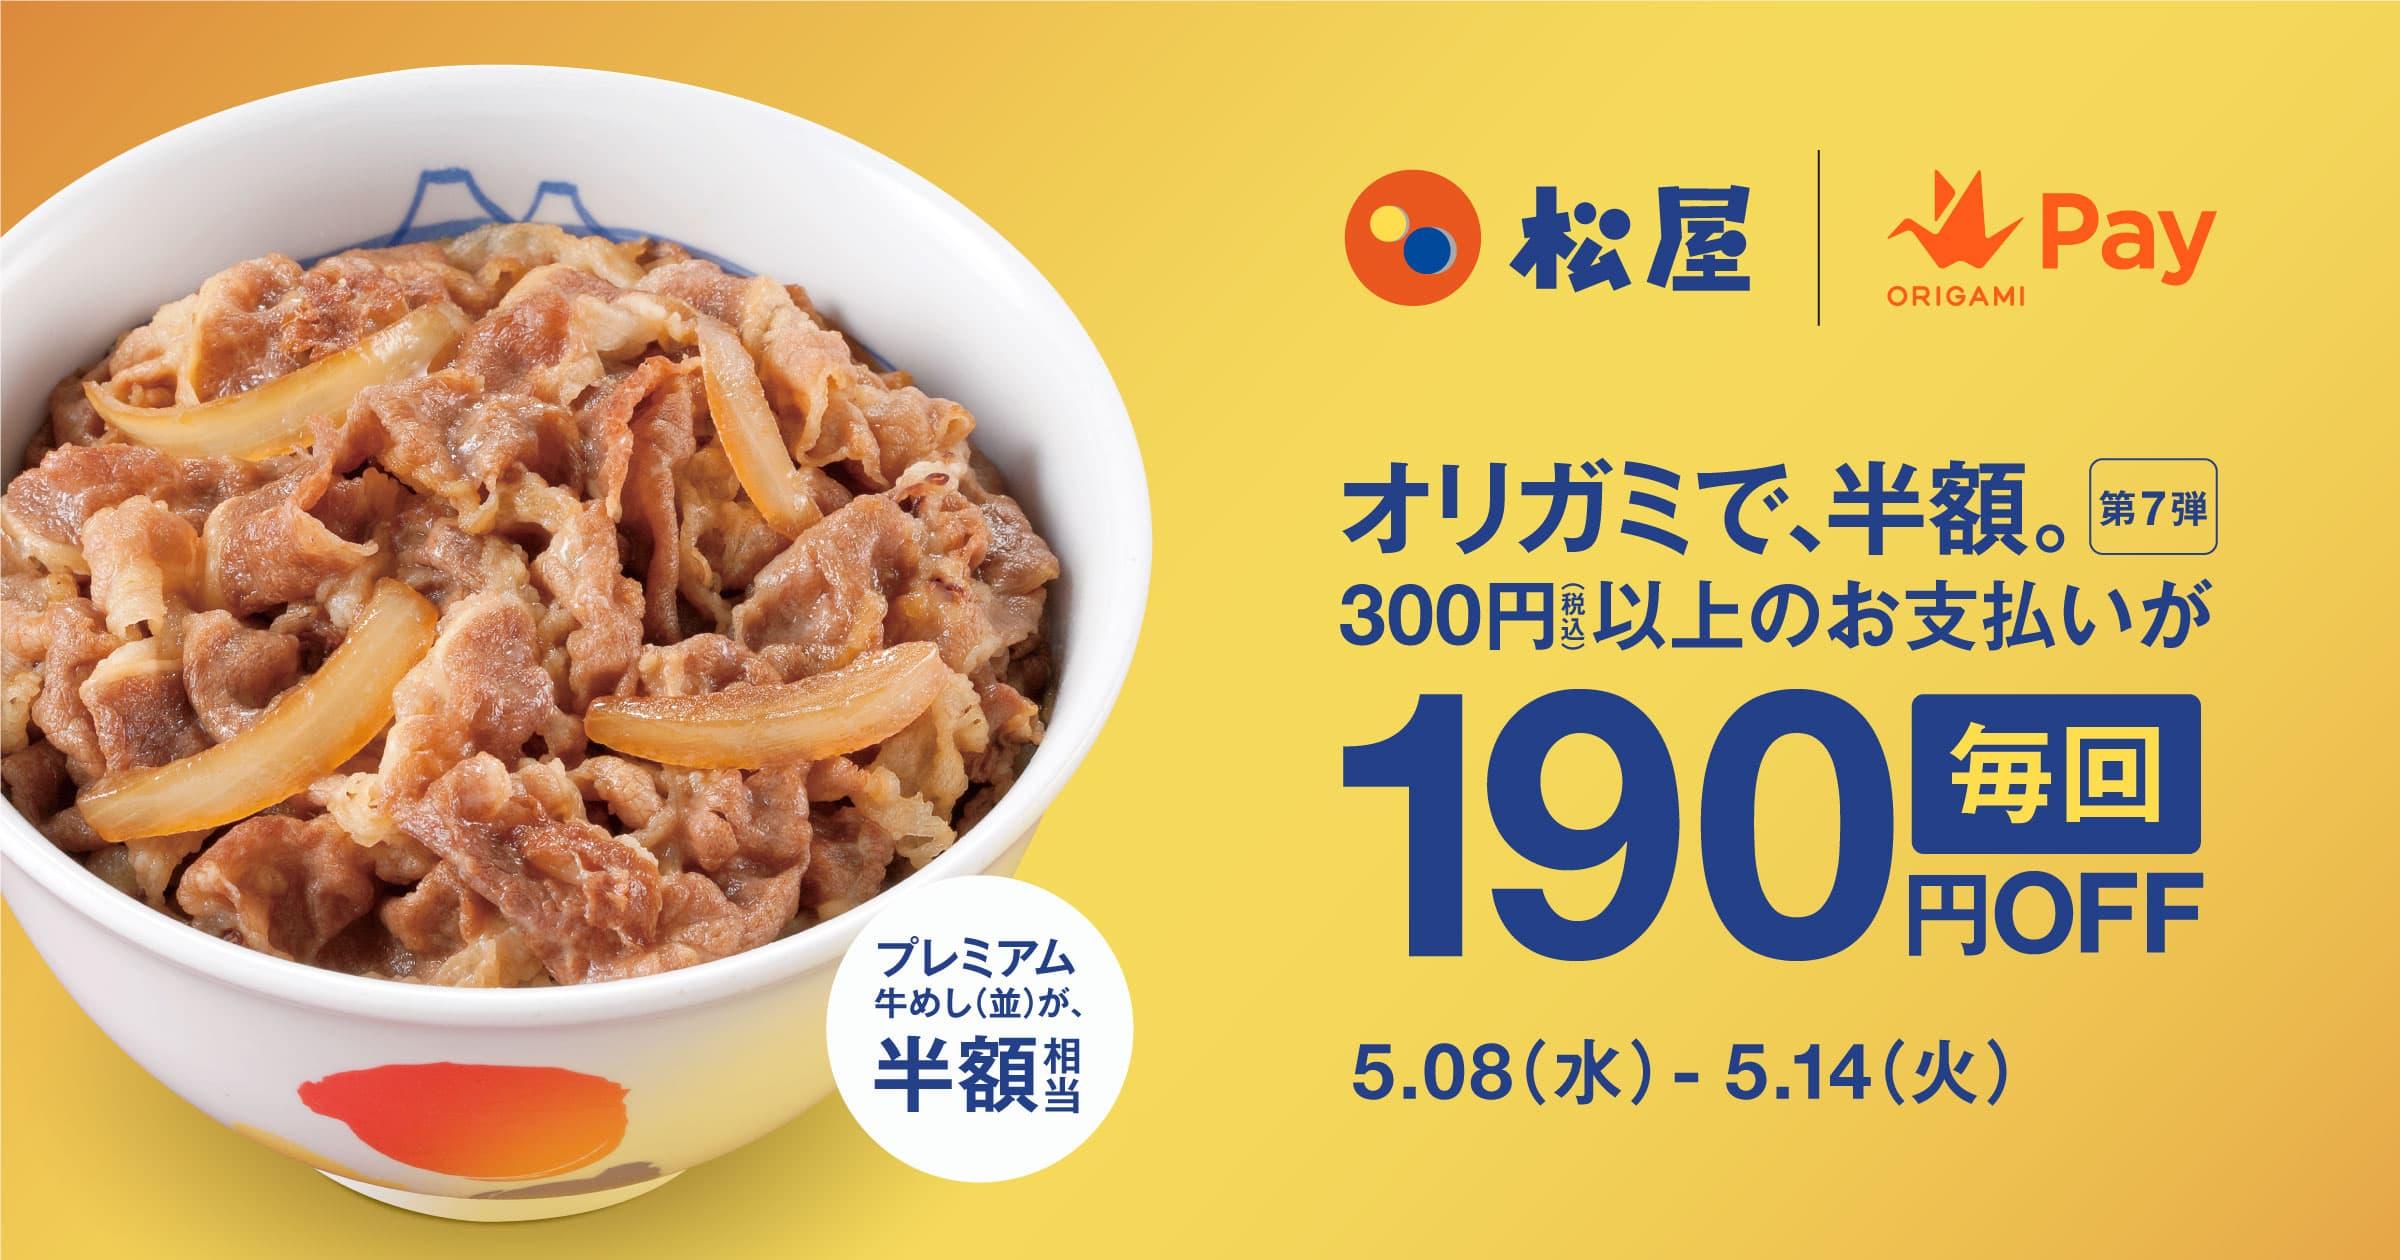 松屋でOrigamiPayで毎日牛丼半額。300円以上で毎回190円引き。5/8~5/14。